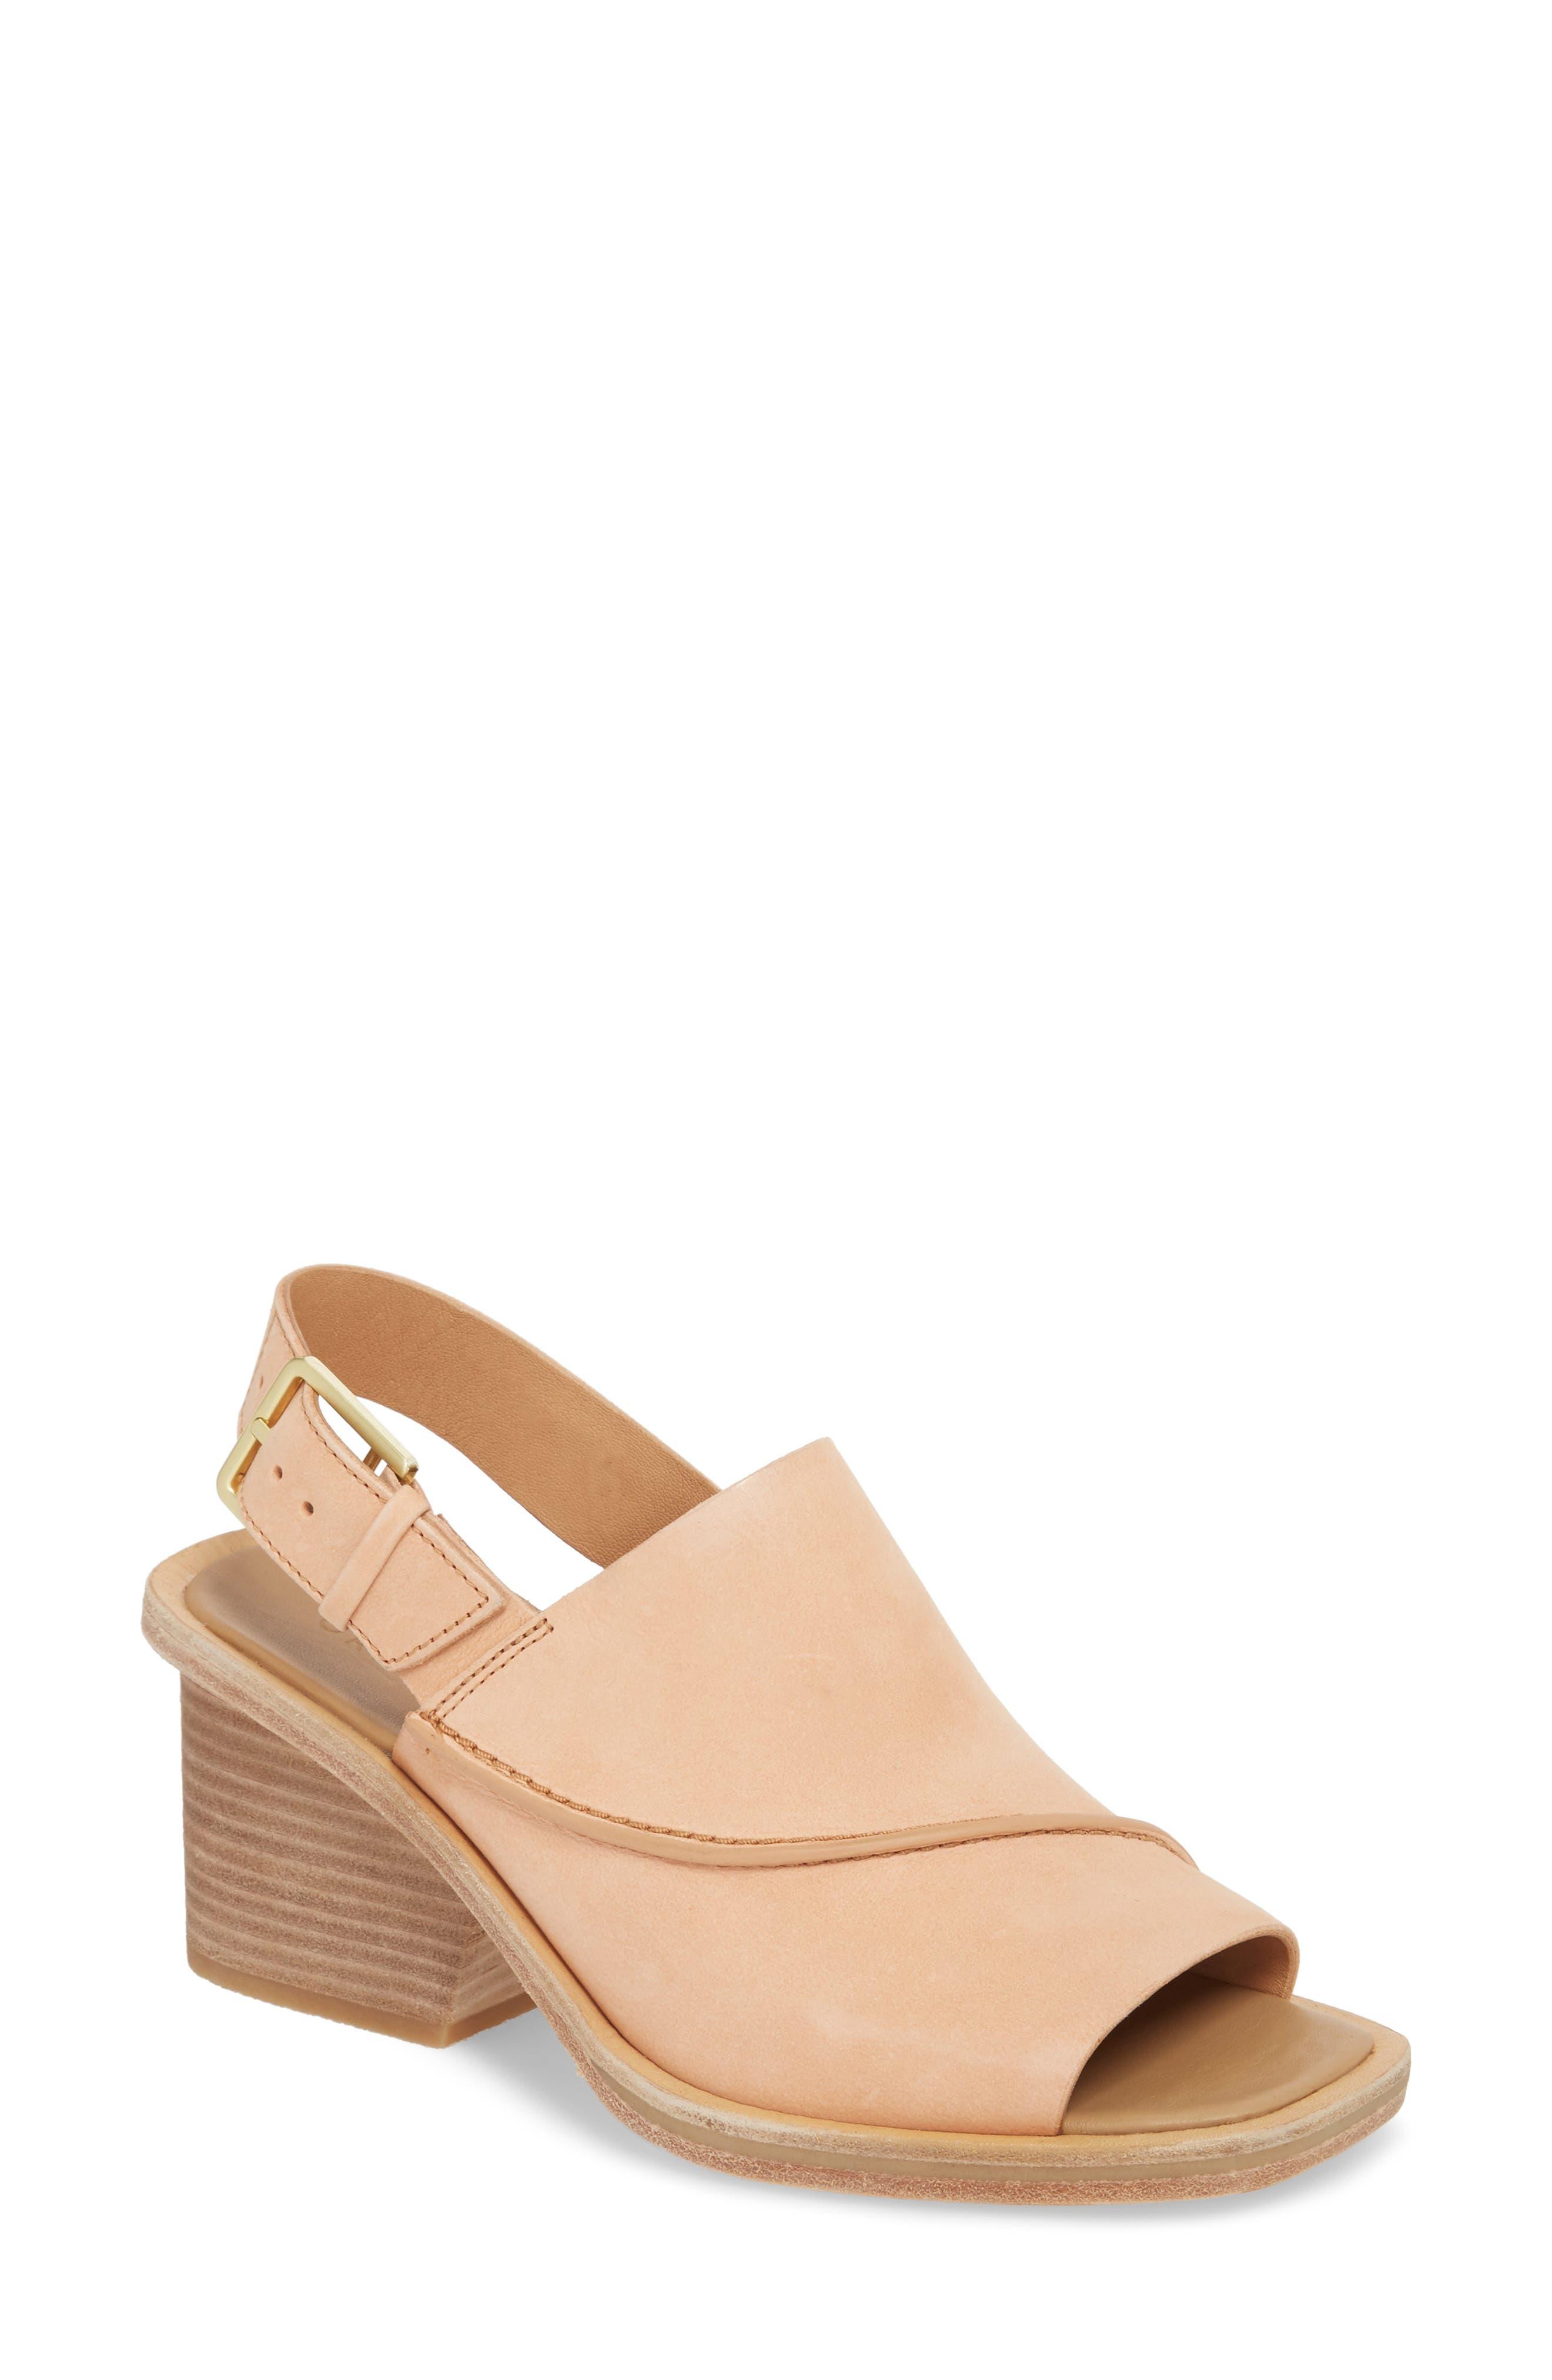 Clarks Bermudan Block Heel Sandal,                         Main,                         color, Sandstone Nubuck Leather